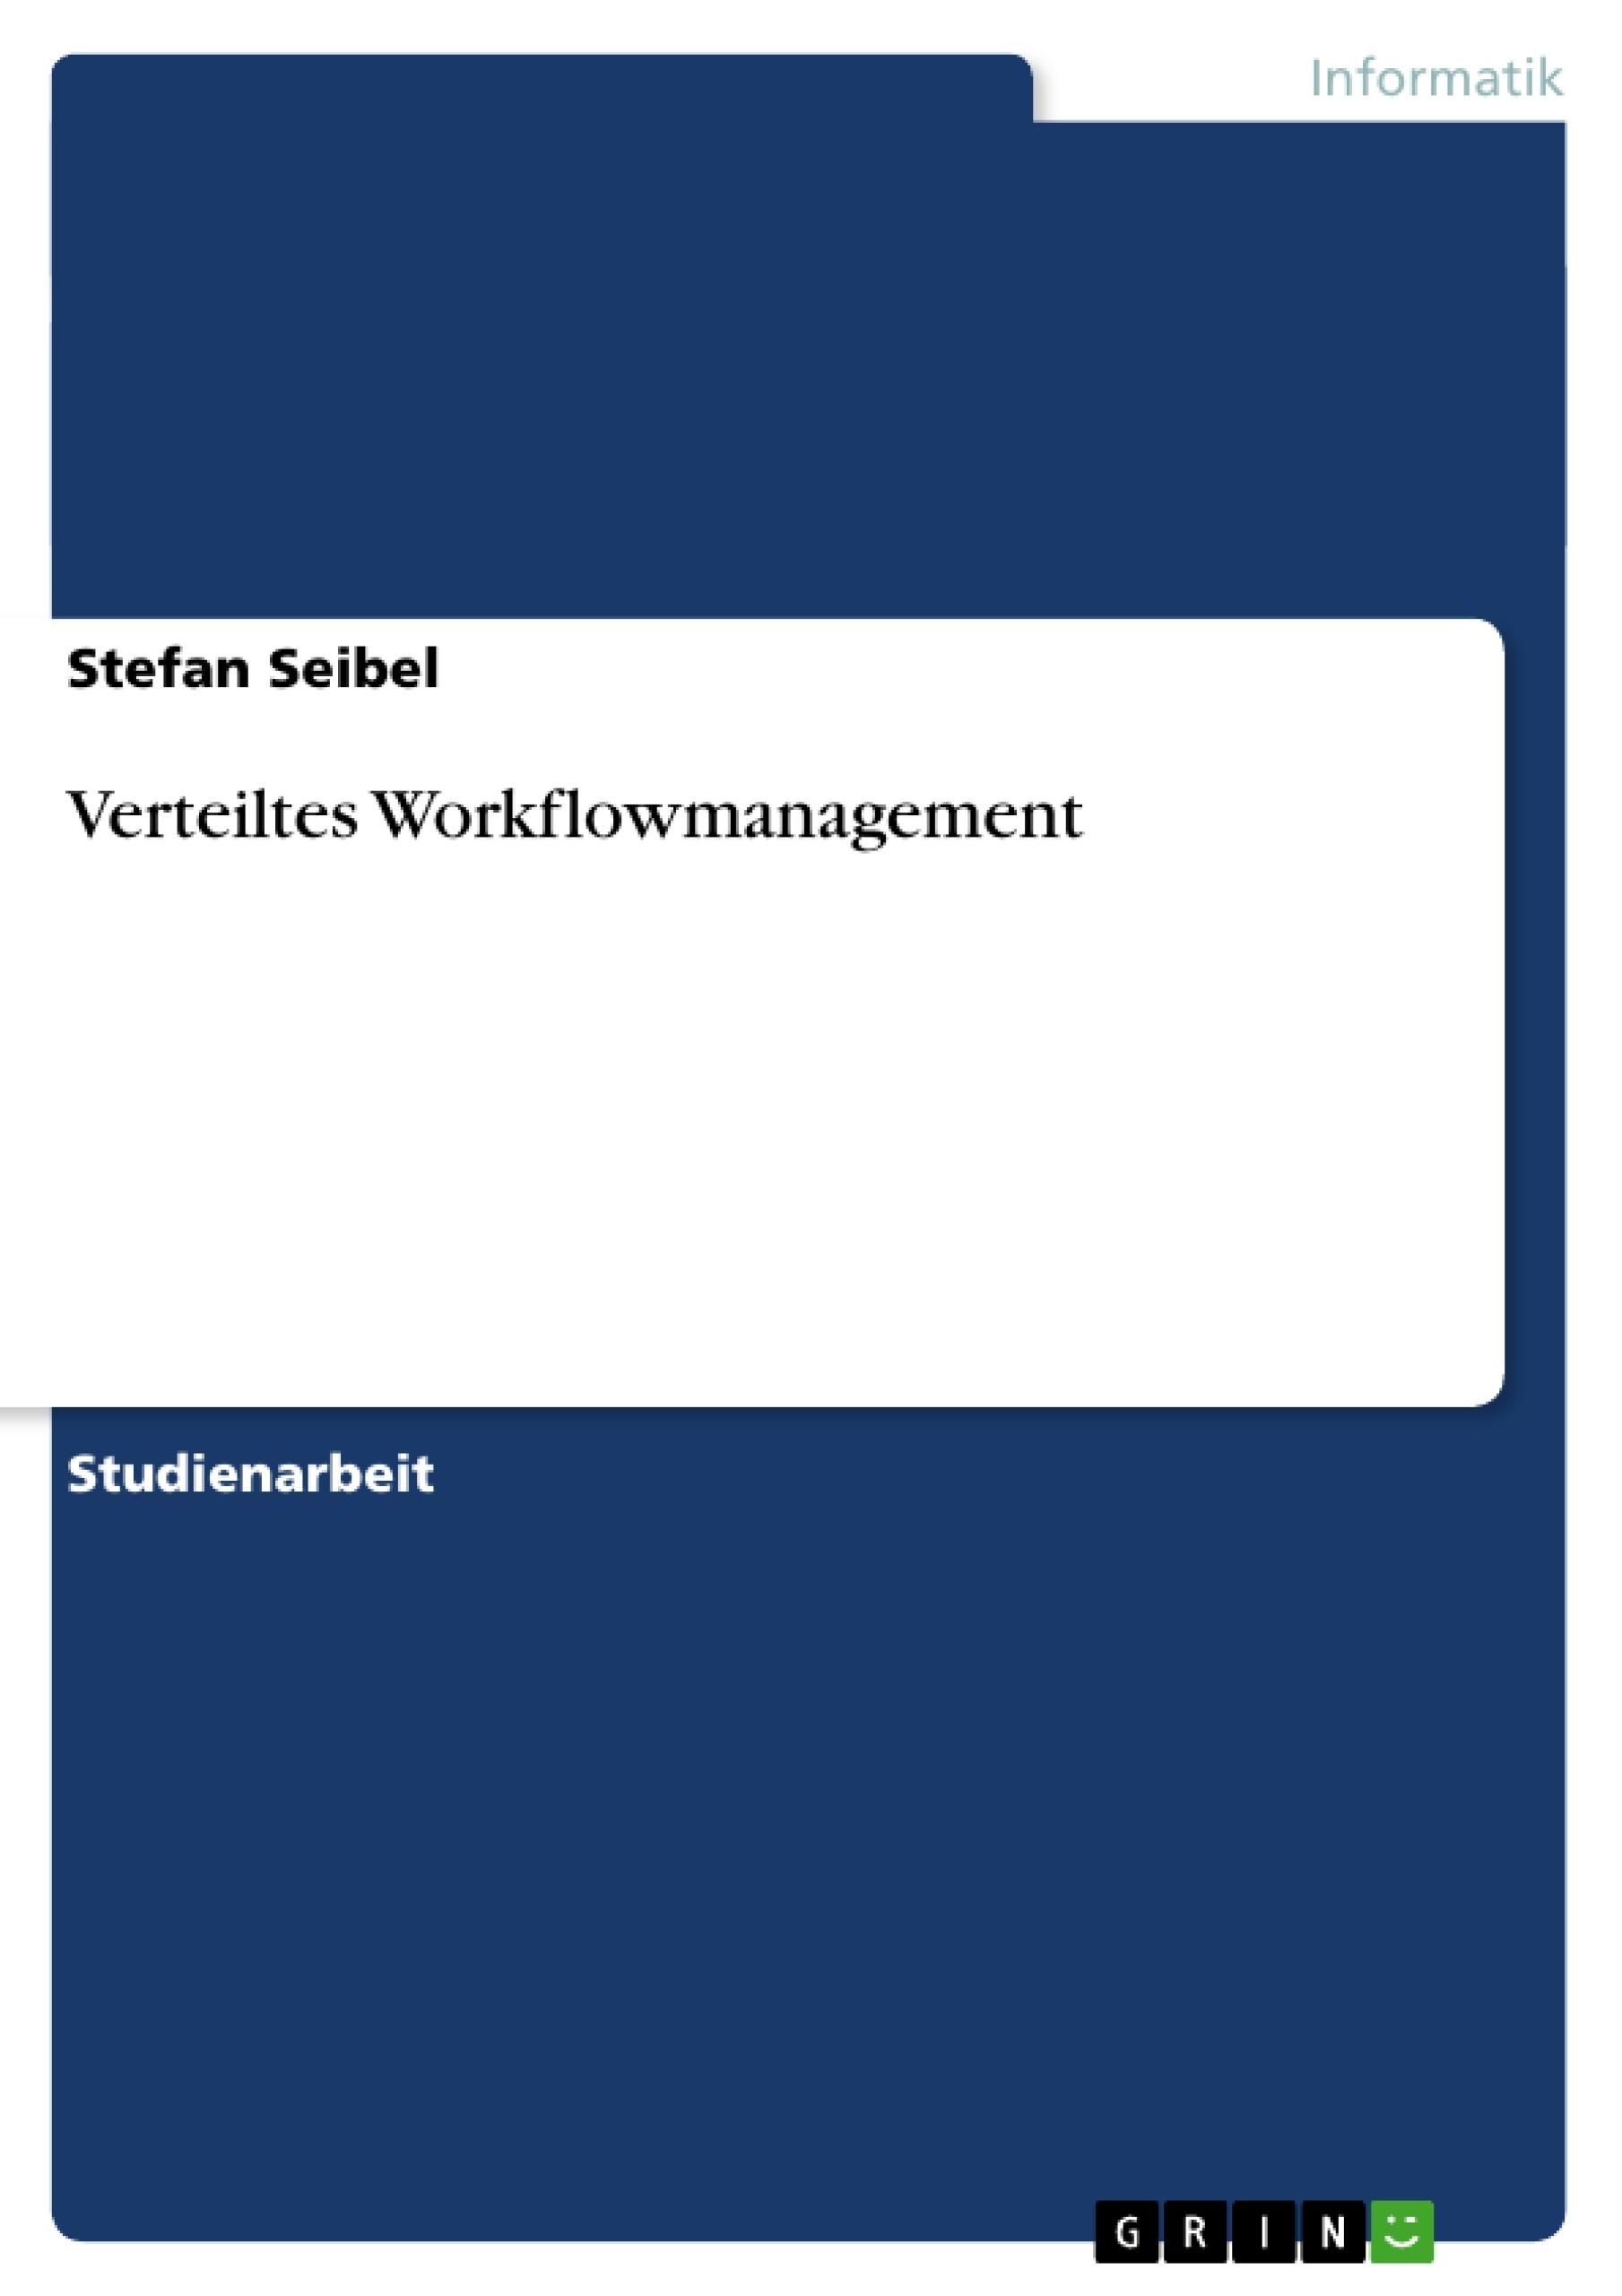 Titel: Verteiltes Workflowmanagement